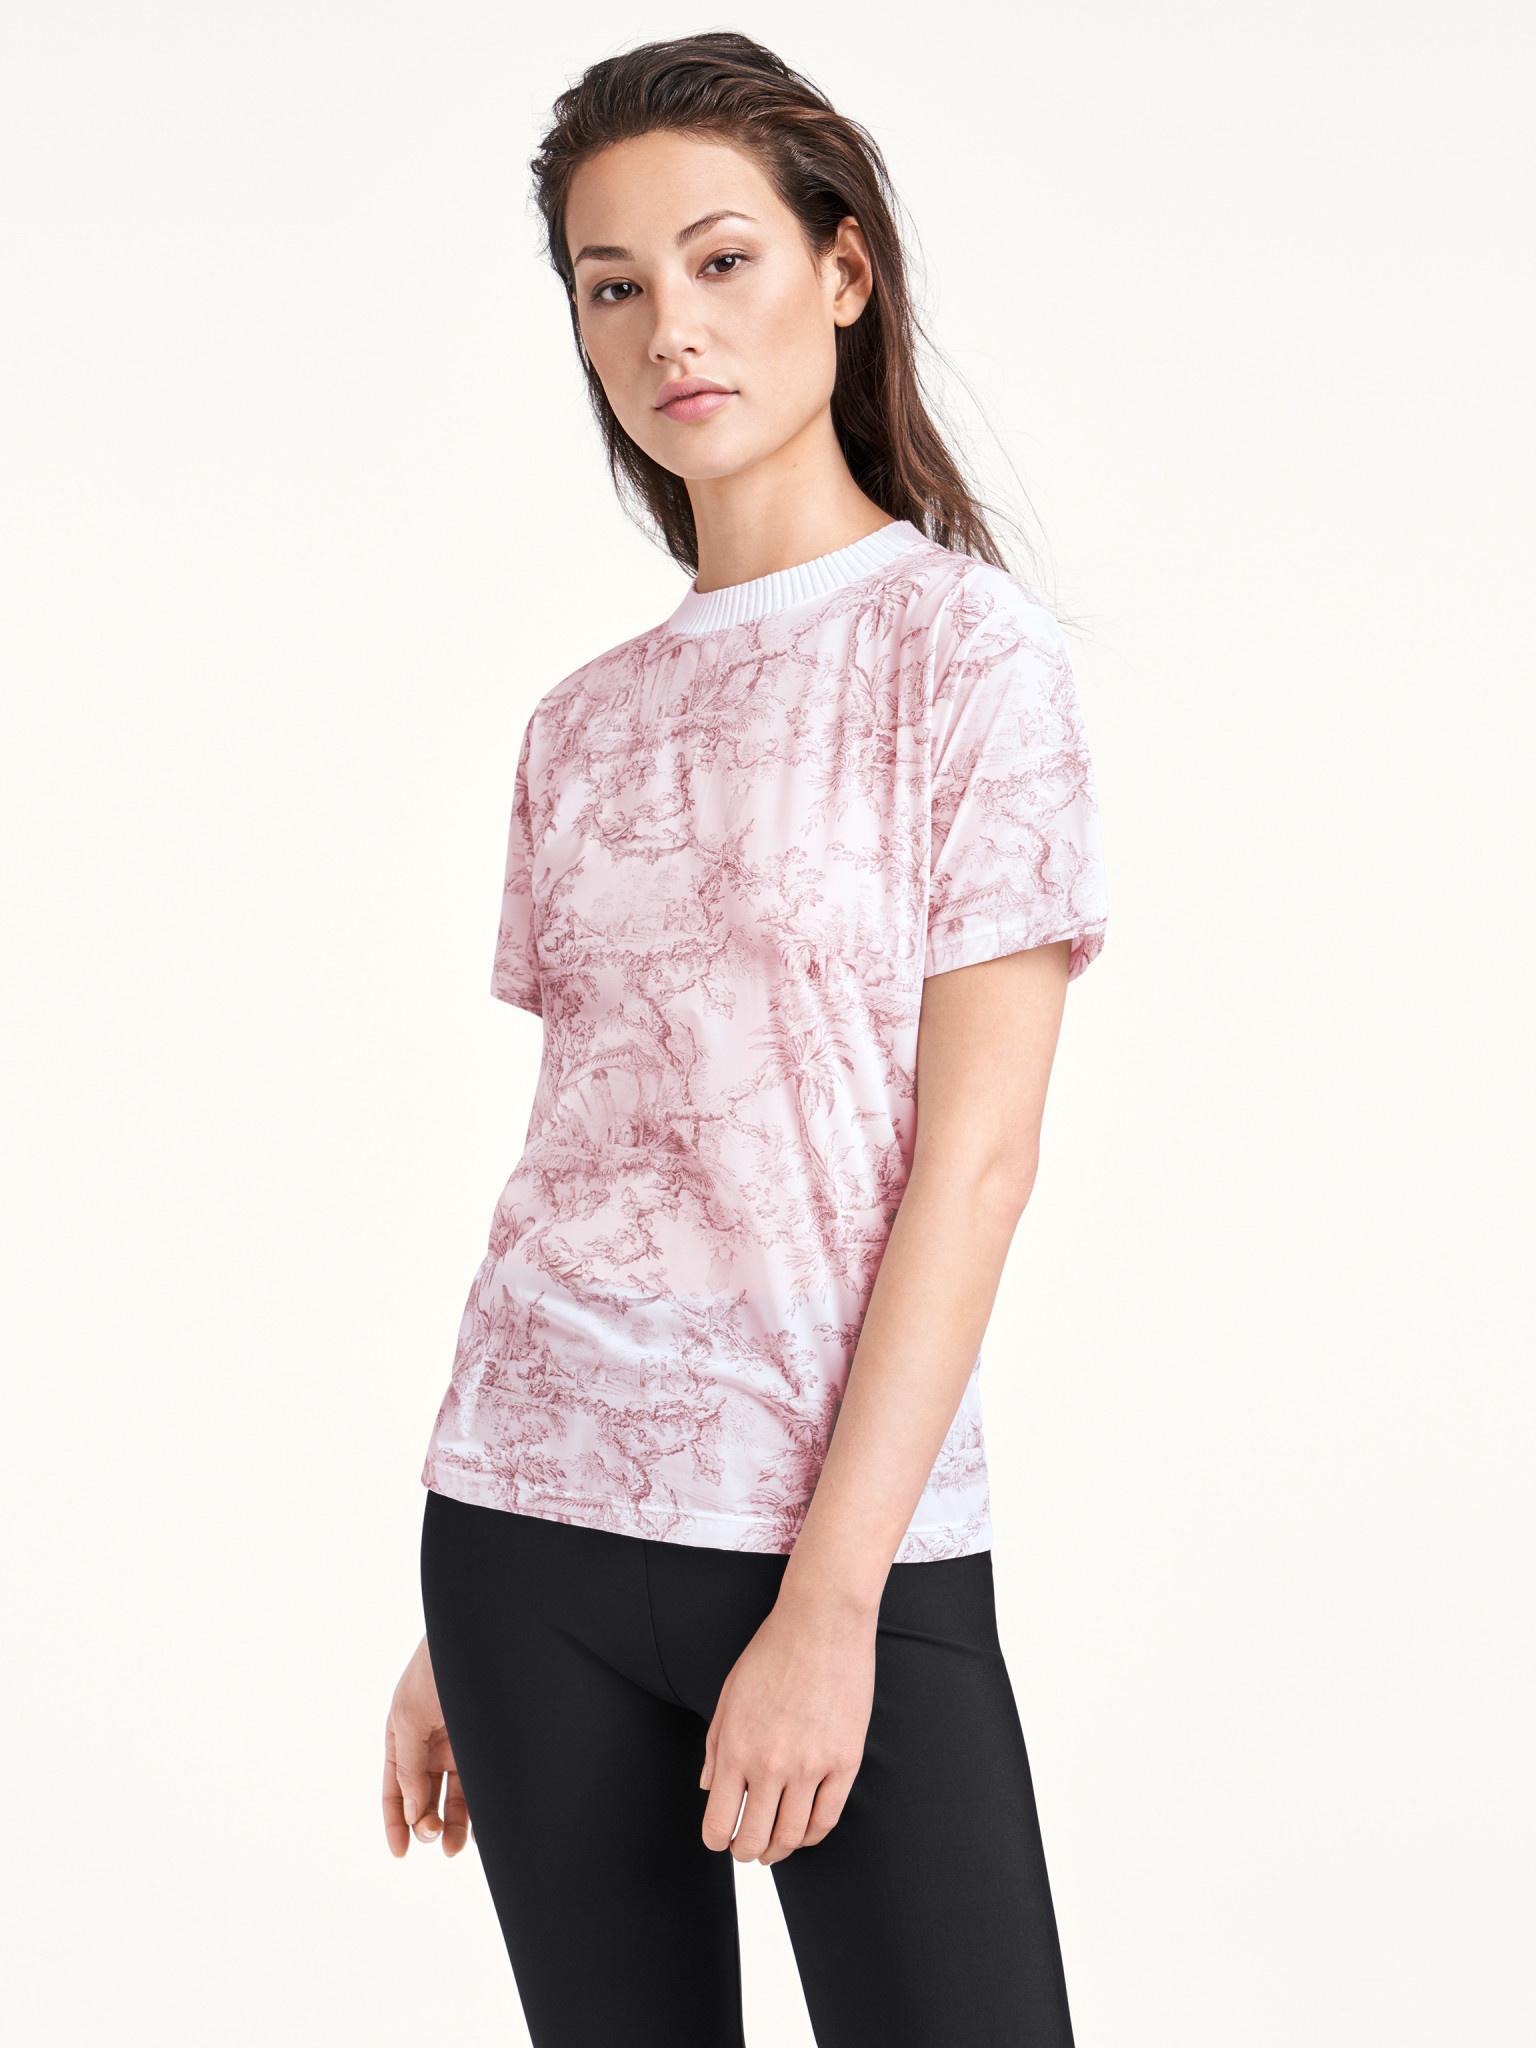 WOLFORD 52731 Antoinette Shirt